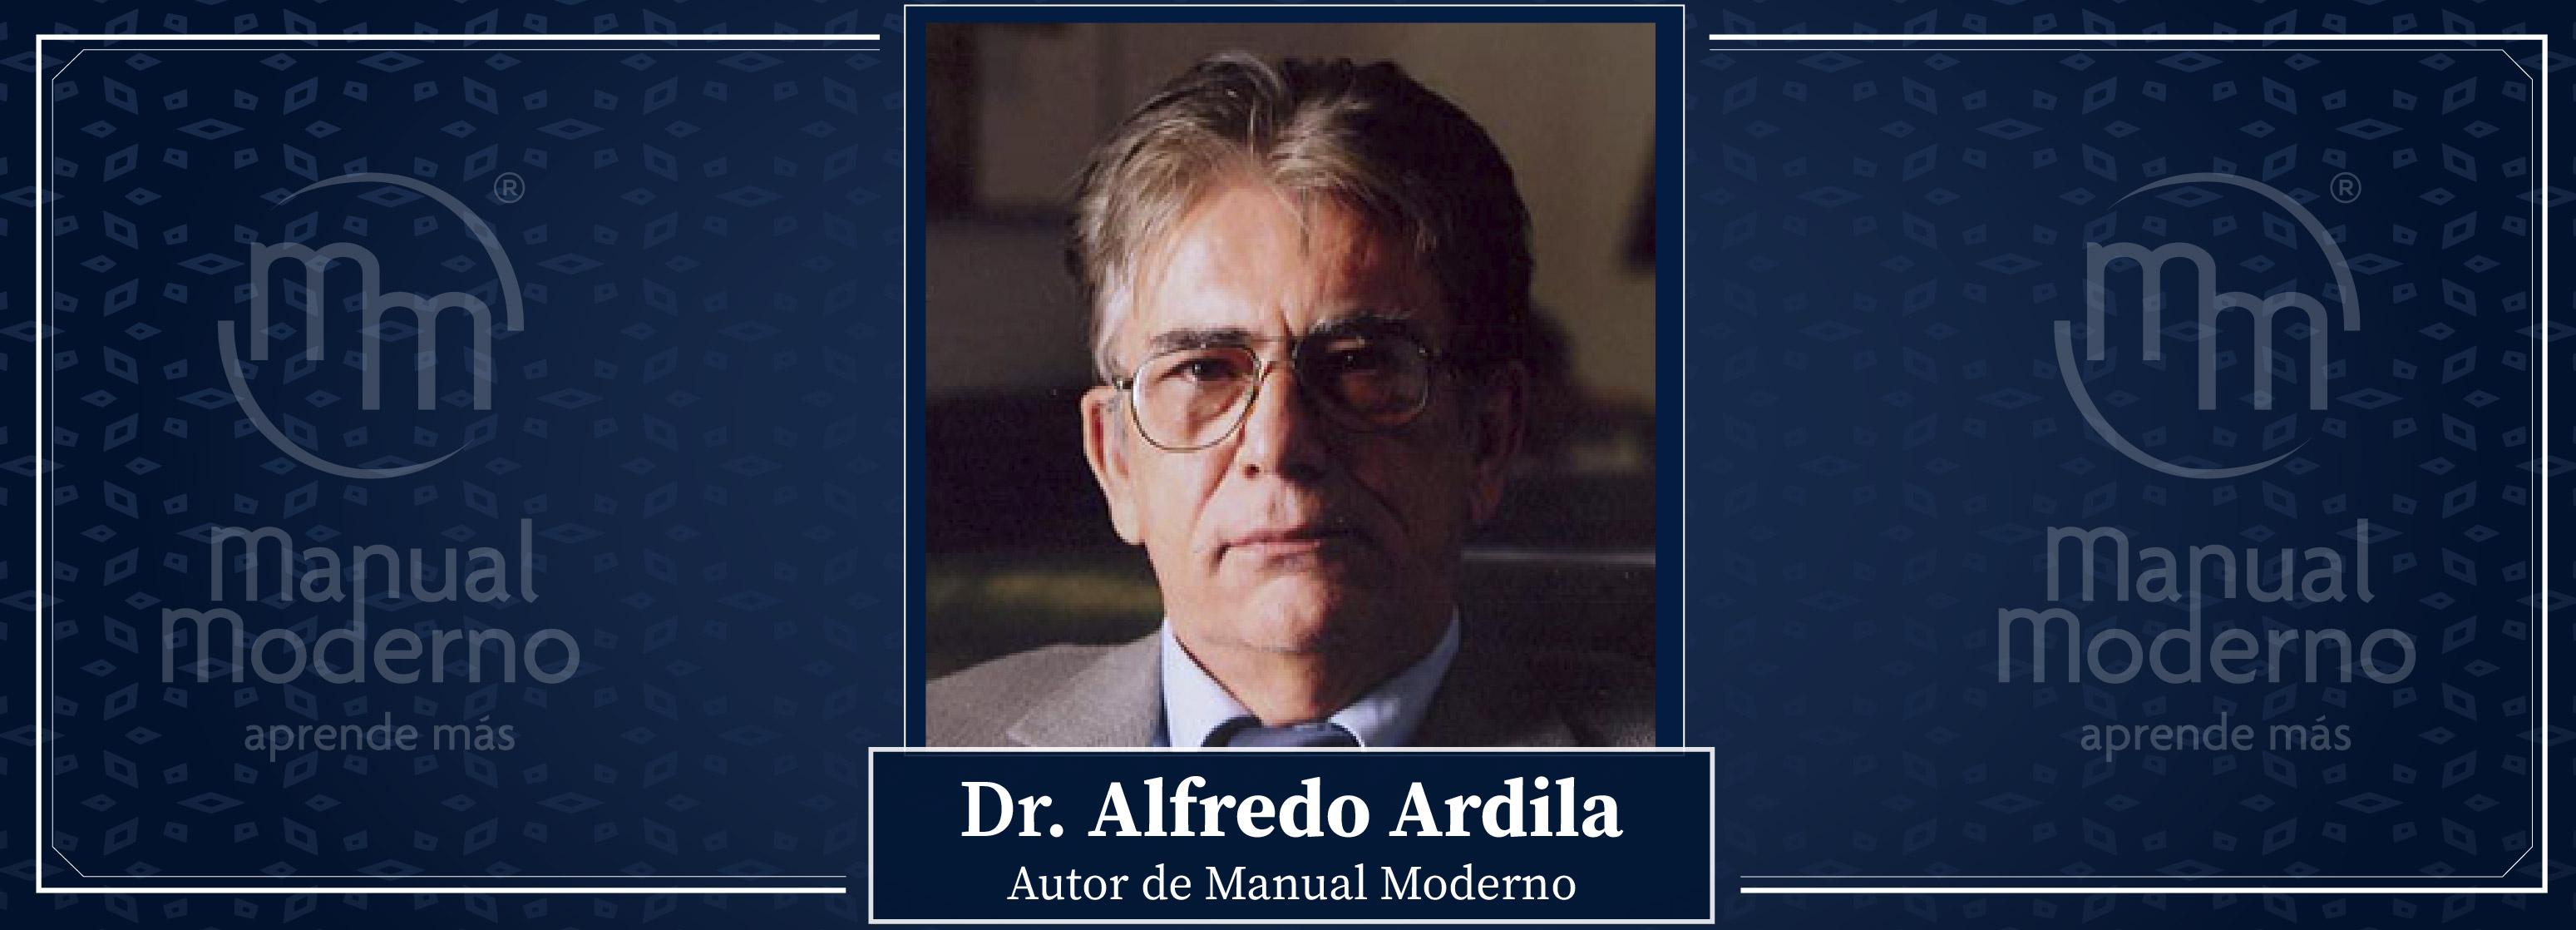 Nuestros Autores. Dr. Alfredo Ardila